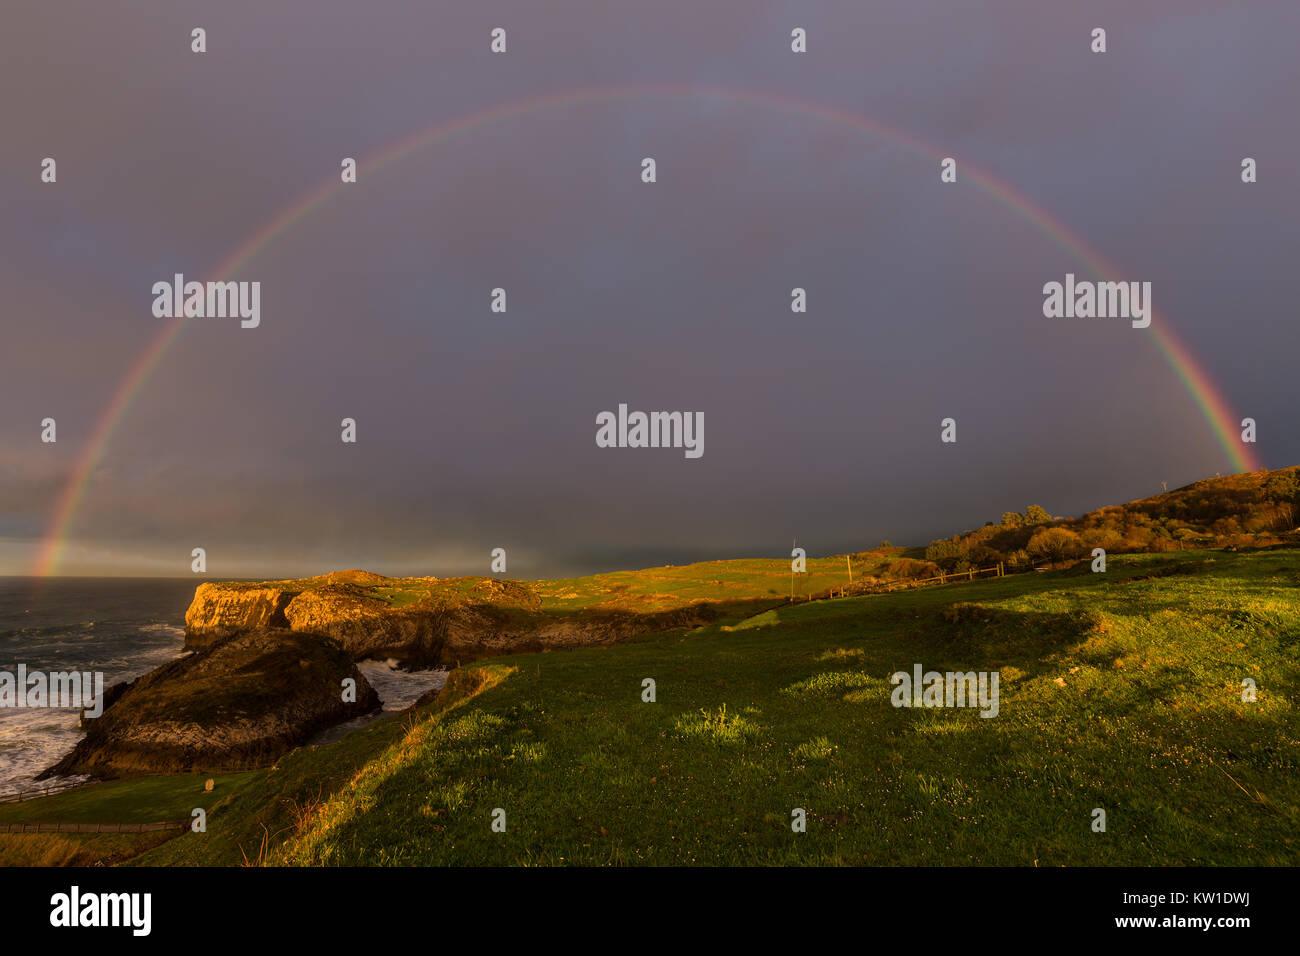 Rainbow over the Asturian coast, near Cue. Spain. - Stock Image